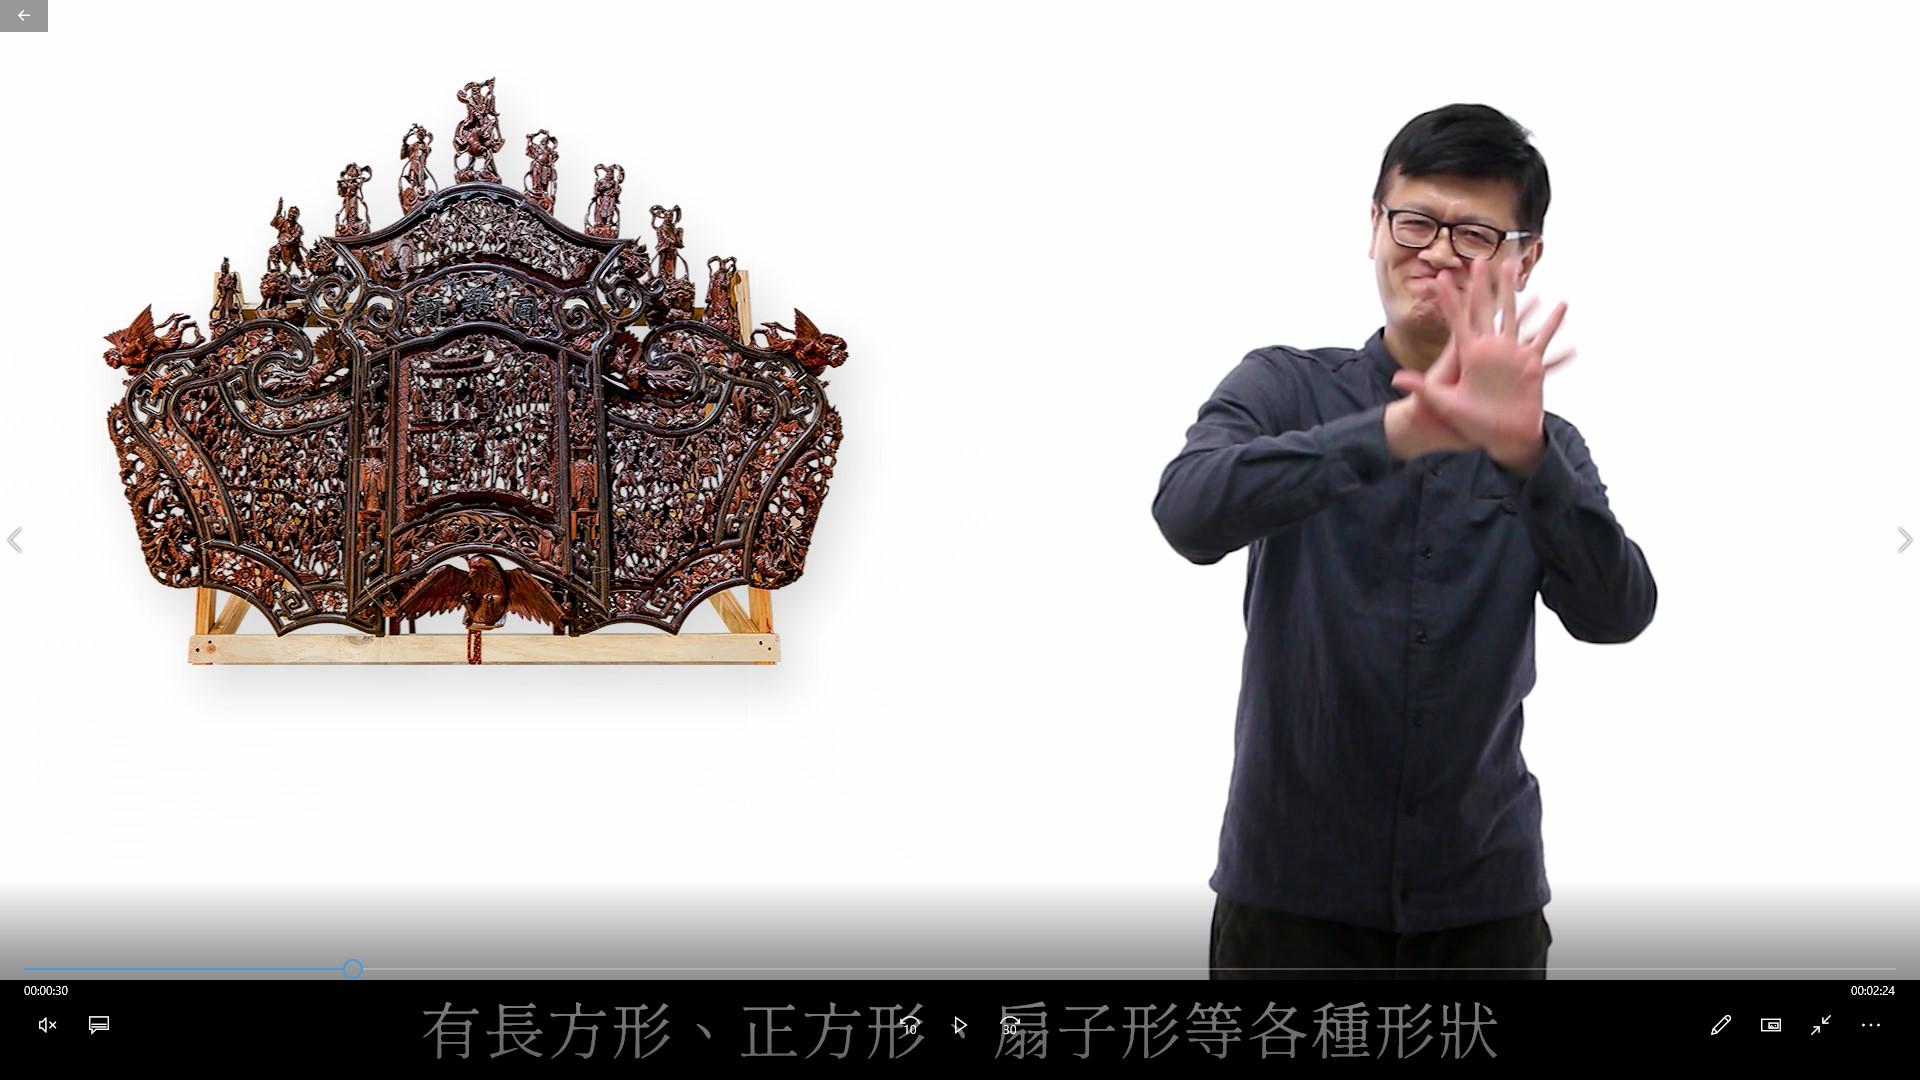 「憨子弟.瘋亂彈 臺灣北管藝術大展」手語導覽影片-09彩牌